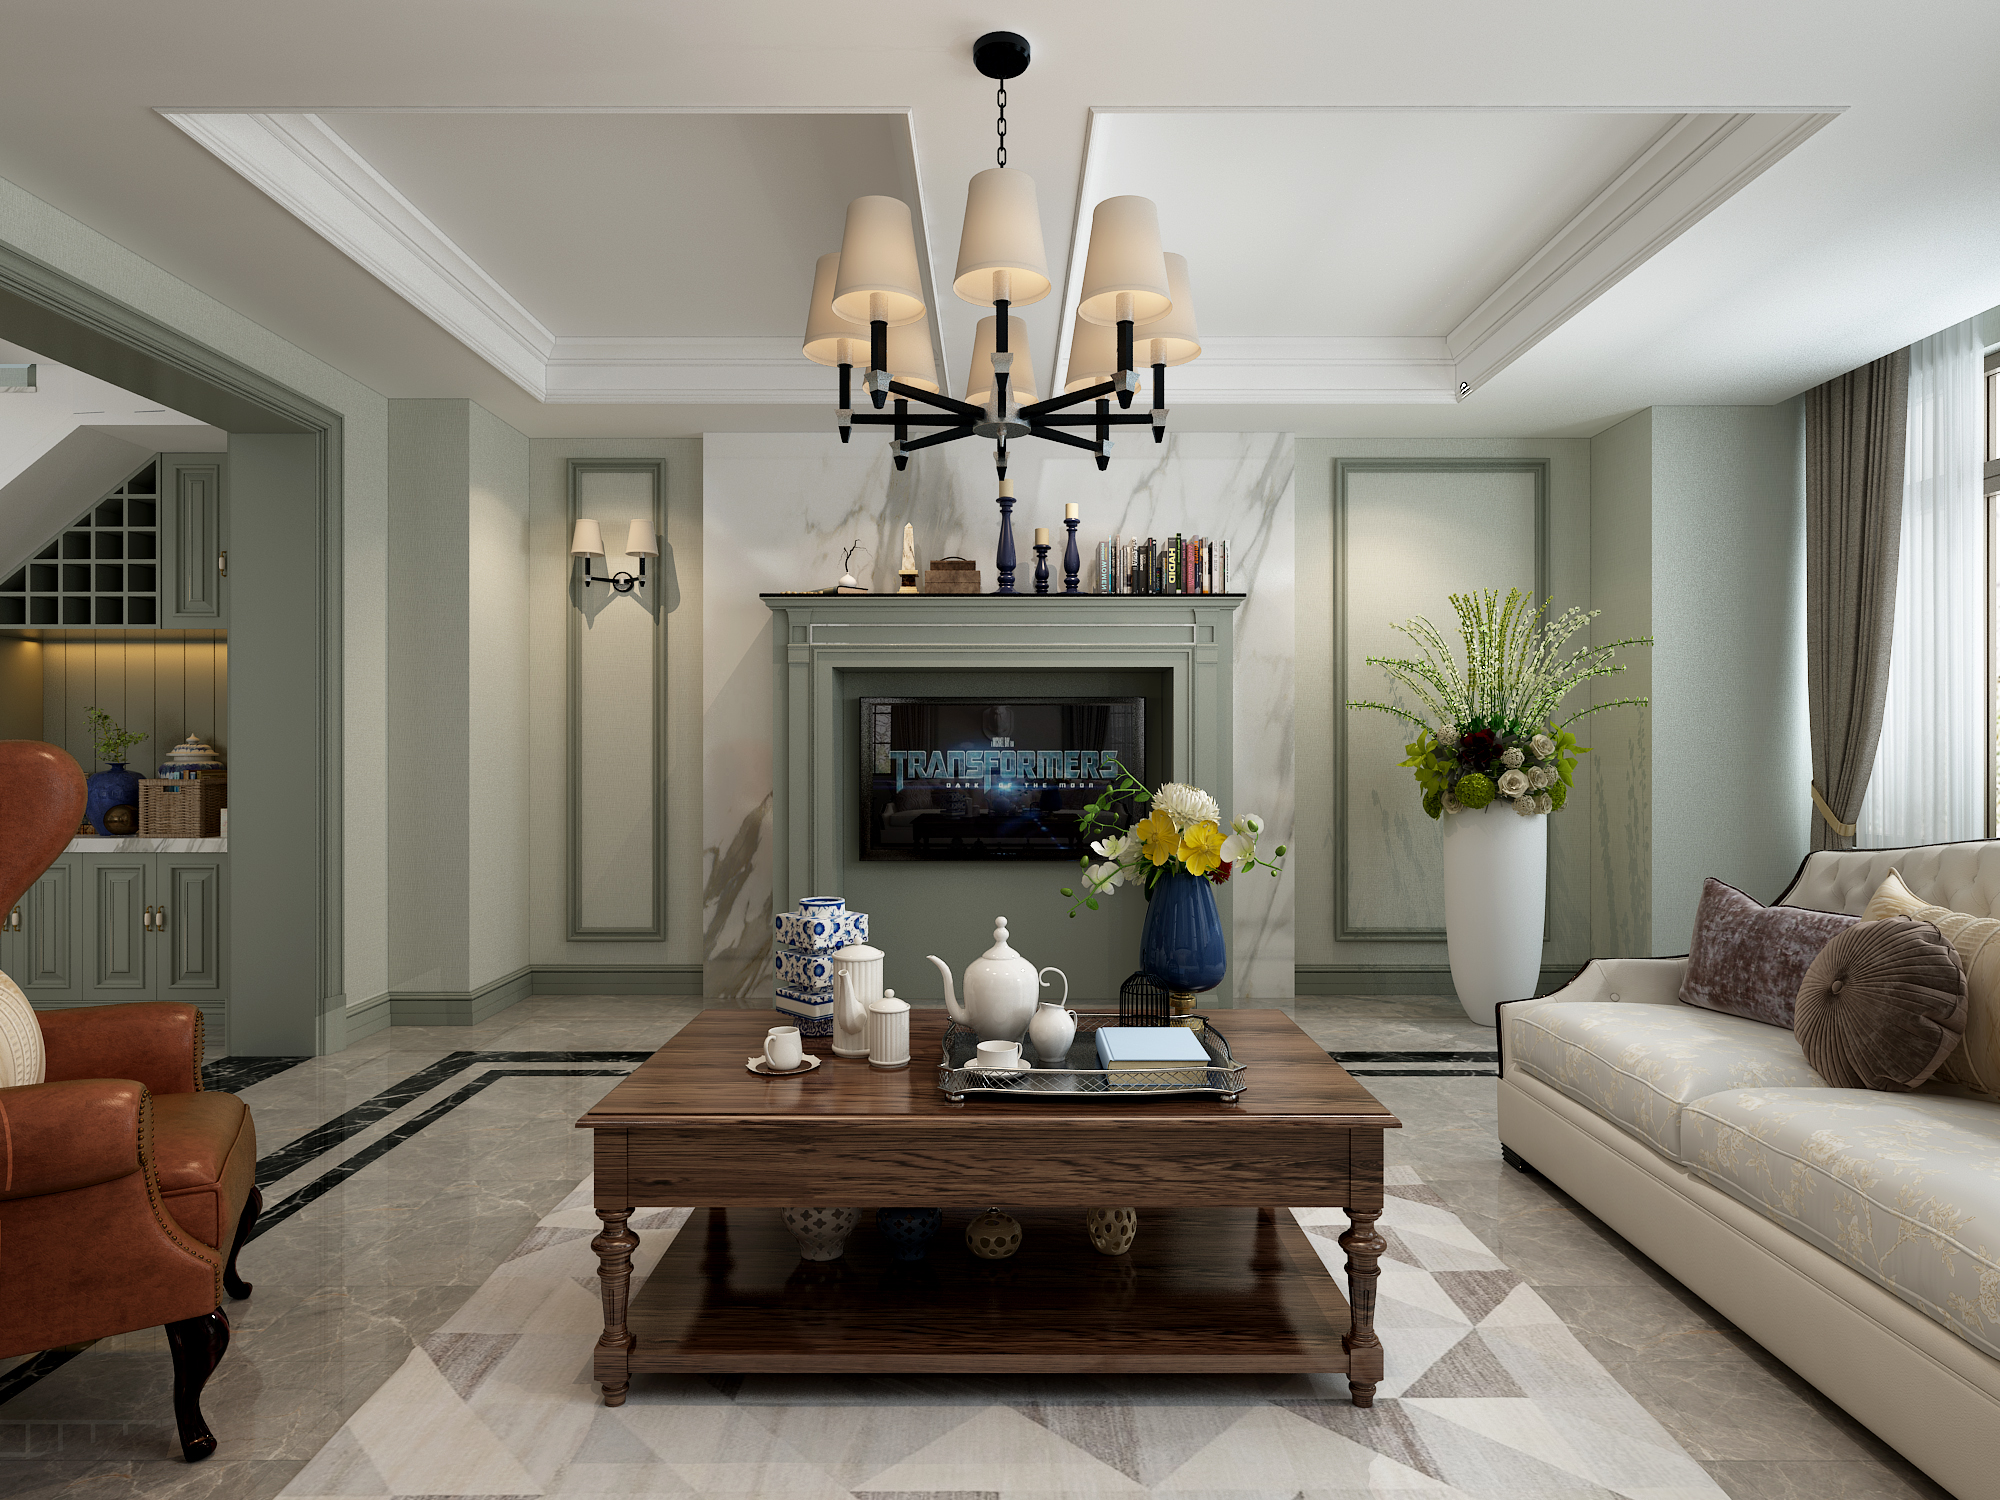 美式风格别墅电视墙装修效果图